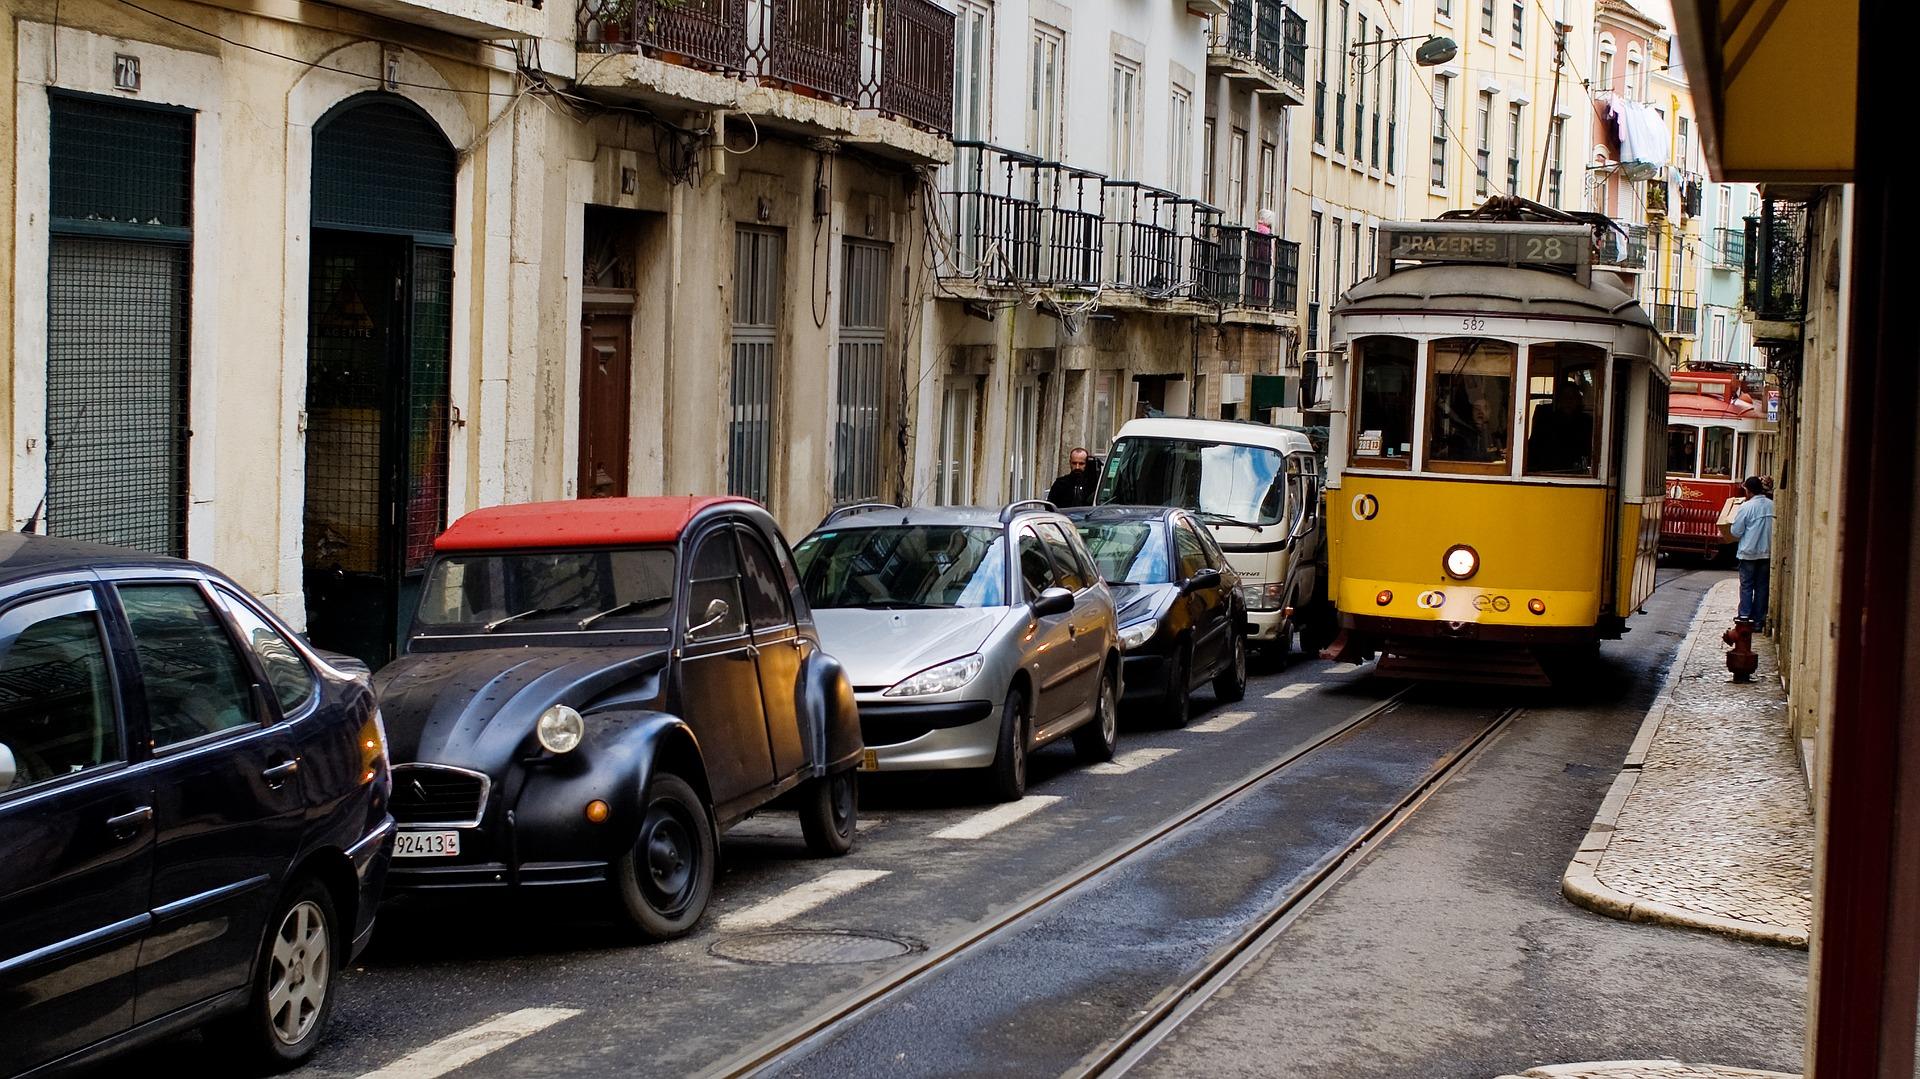 Quel loueur voiture portugal